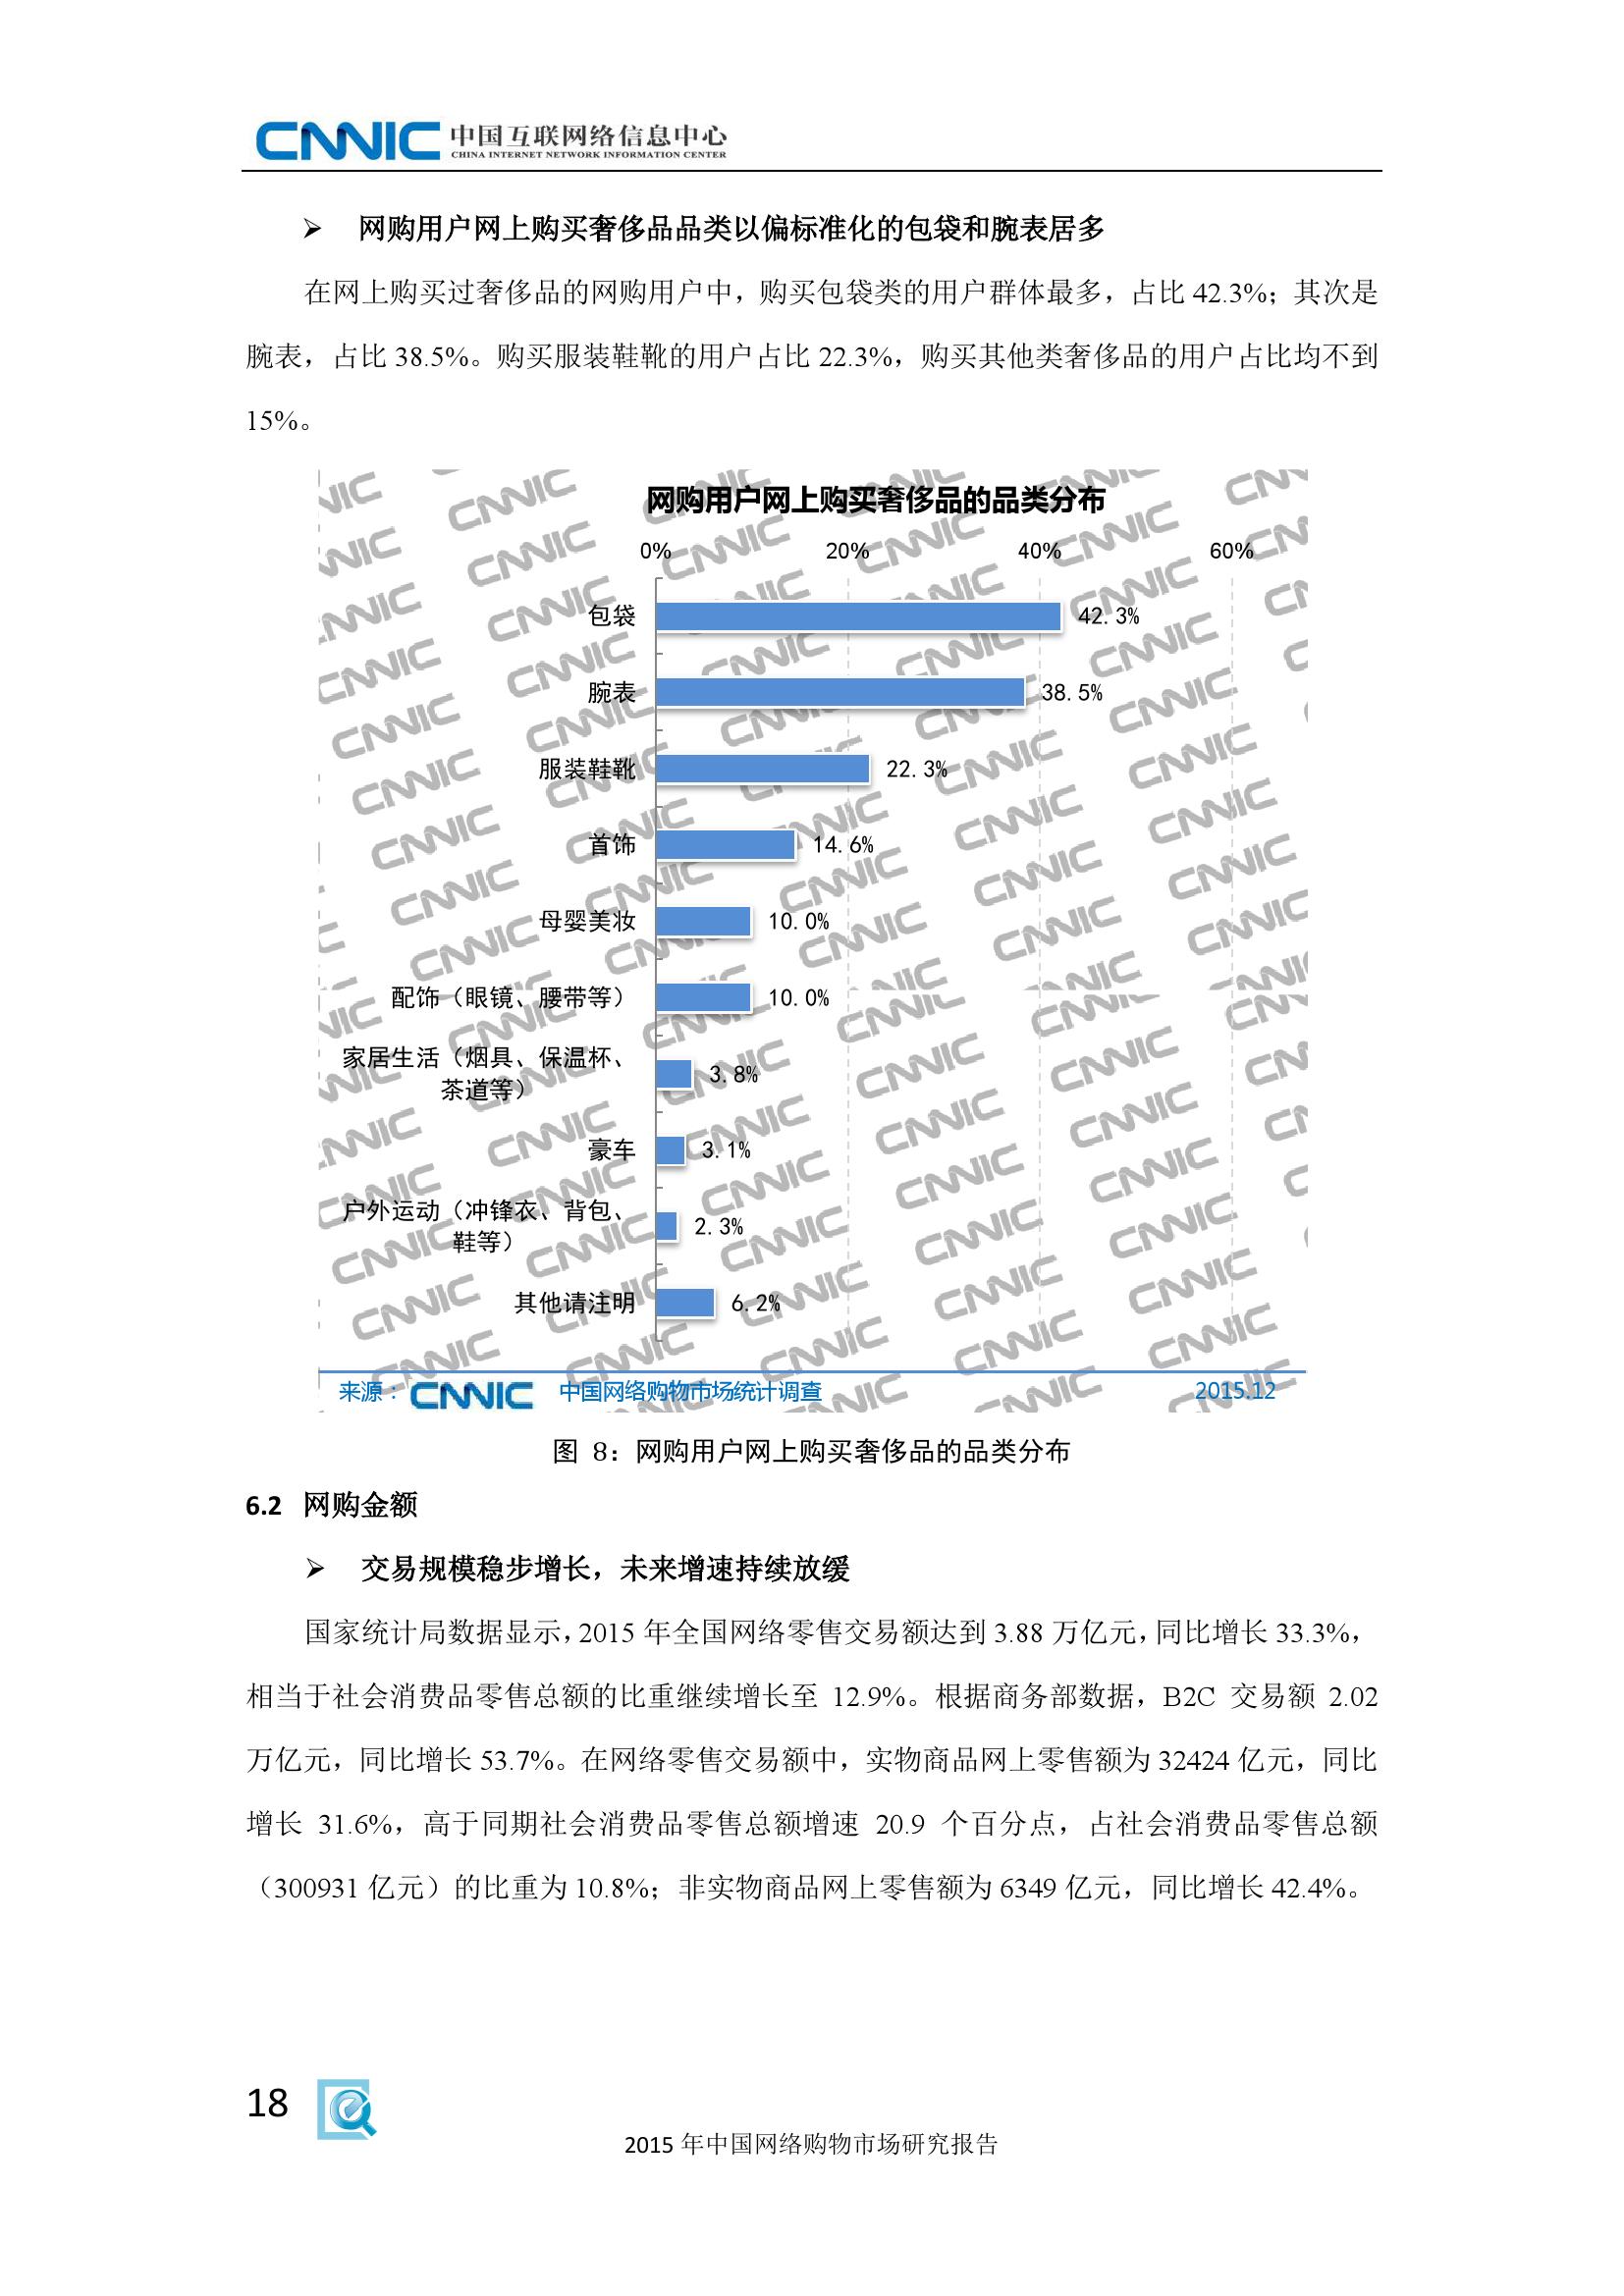 2015年中国网络购物市场研究报告_000026